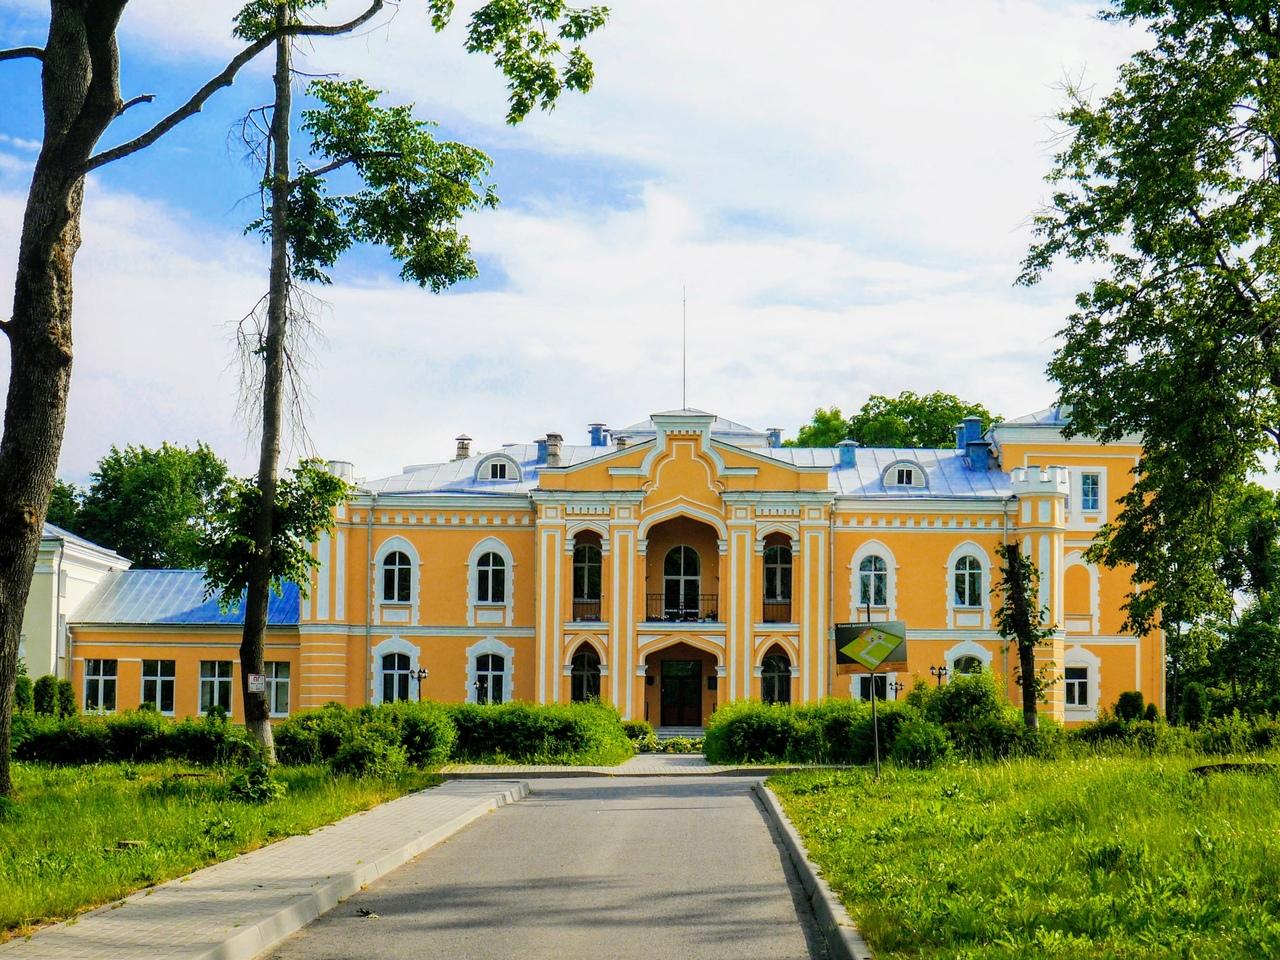 Автор фото: Андрей Кушнеров. Усадьба Прилуки.